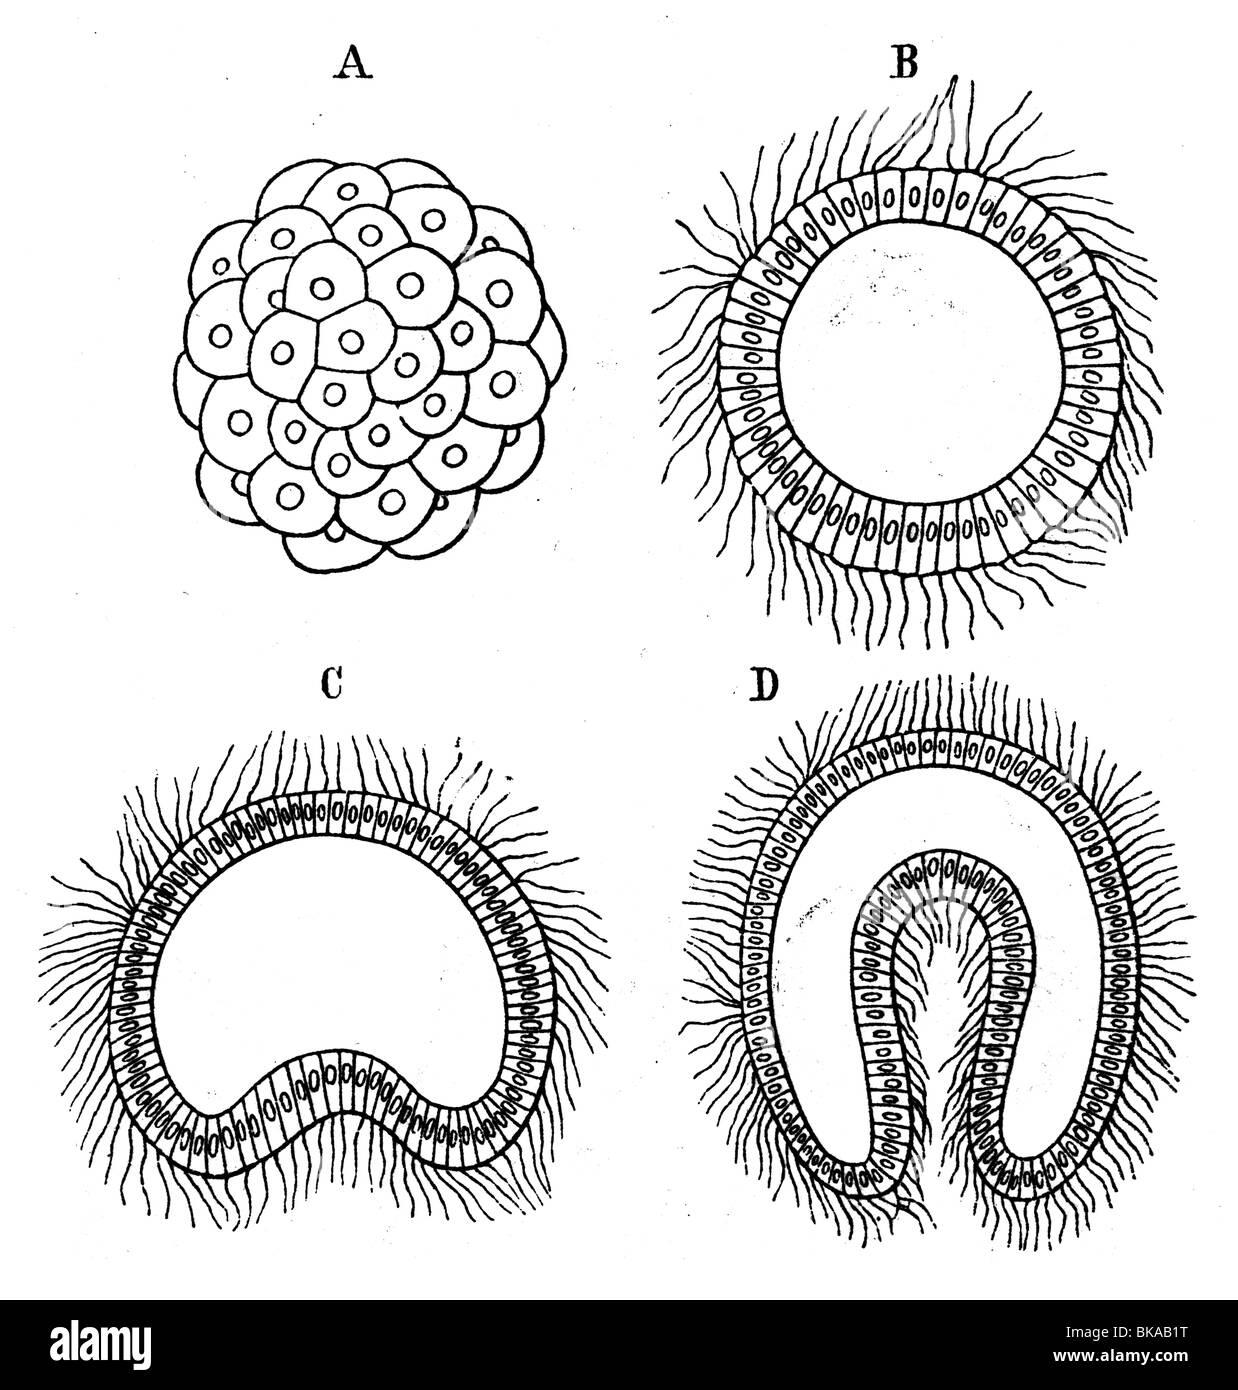 Embryogenesis Morula Blastula Gastrula - Stock Image